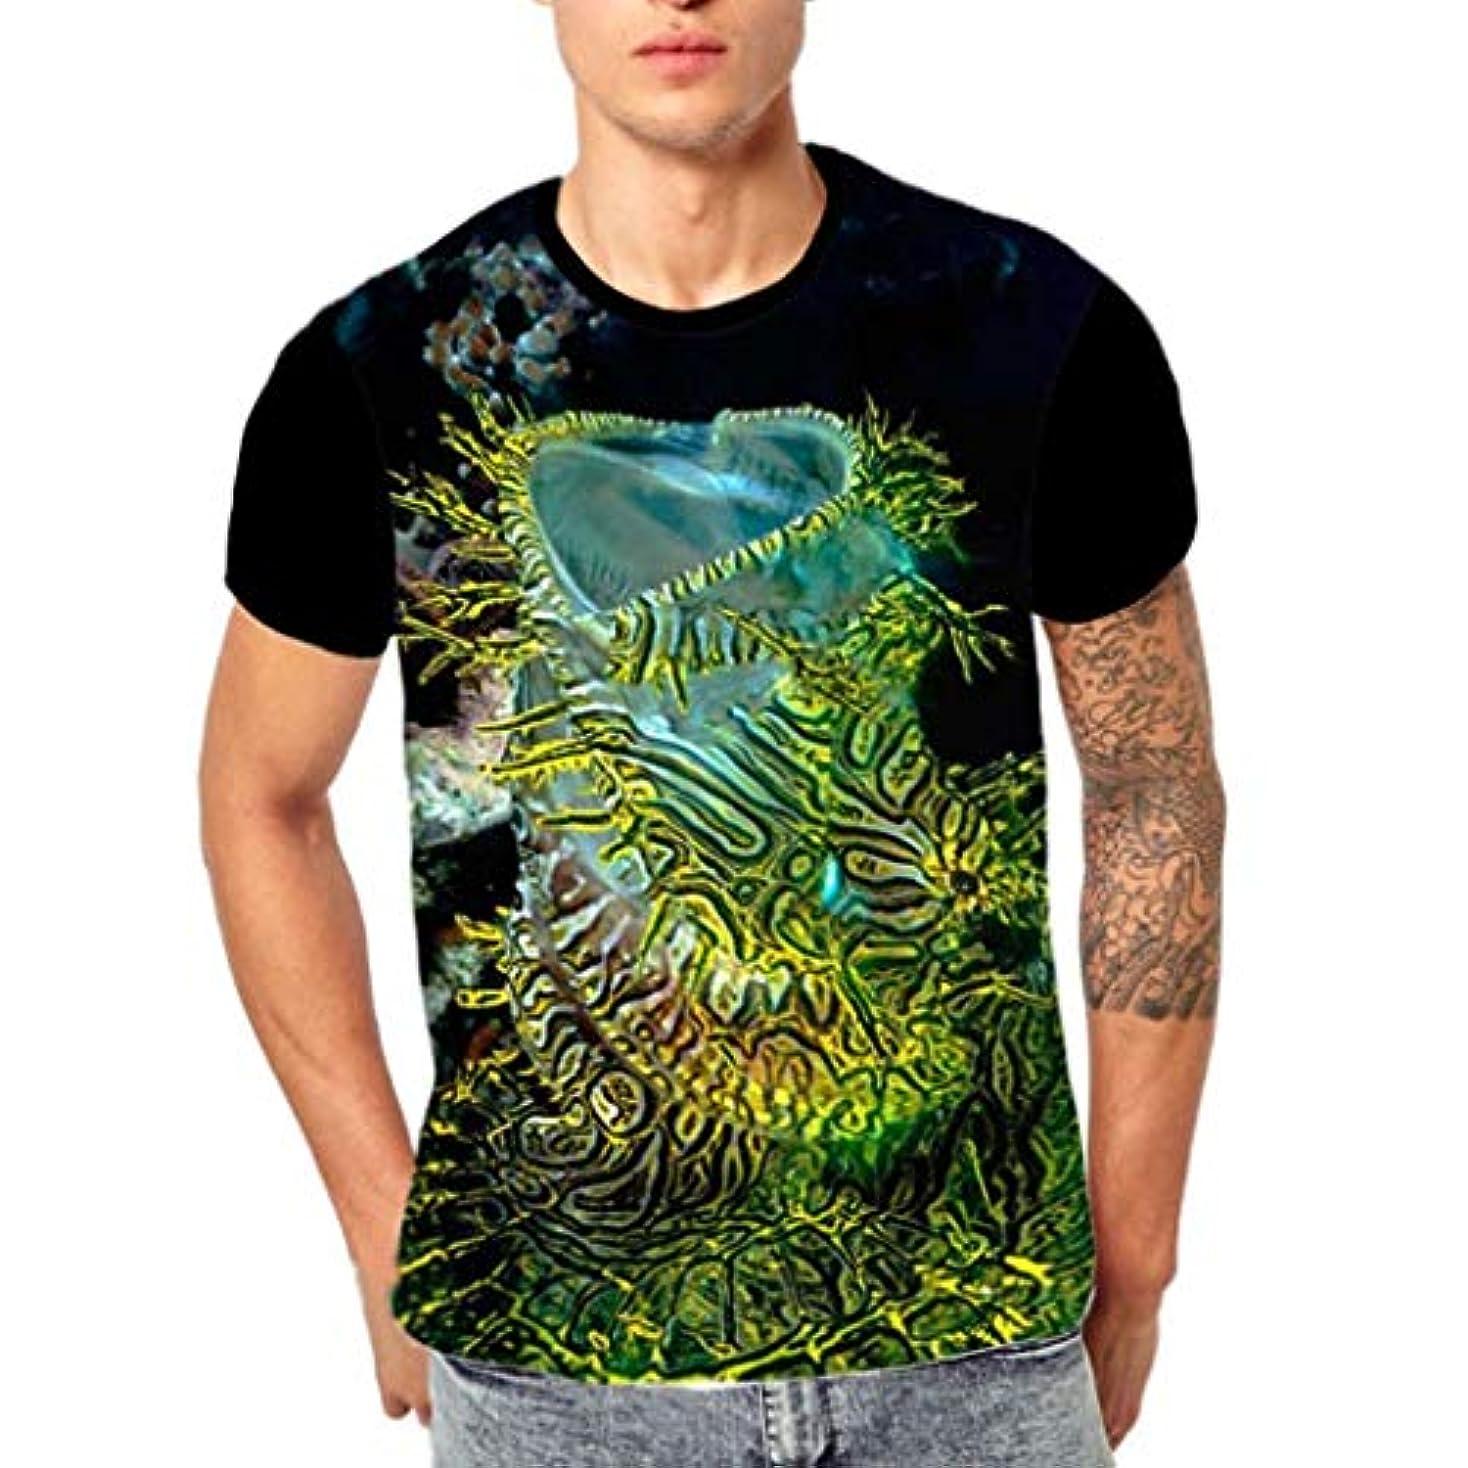 ねばねば共役うめきWyntroy シャツ メンズ 半袖 丸首 Tシャツ カラフル 魚 3Dプリント ゆったり カットソー ロングスリーブ スポーツ人気 快適 薄い おしゃれ ストリート カジュアル スウェット ファッション春夏秋 M~3XL